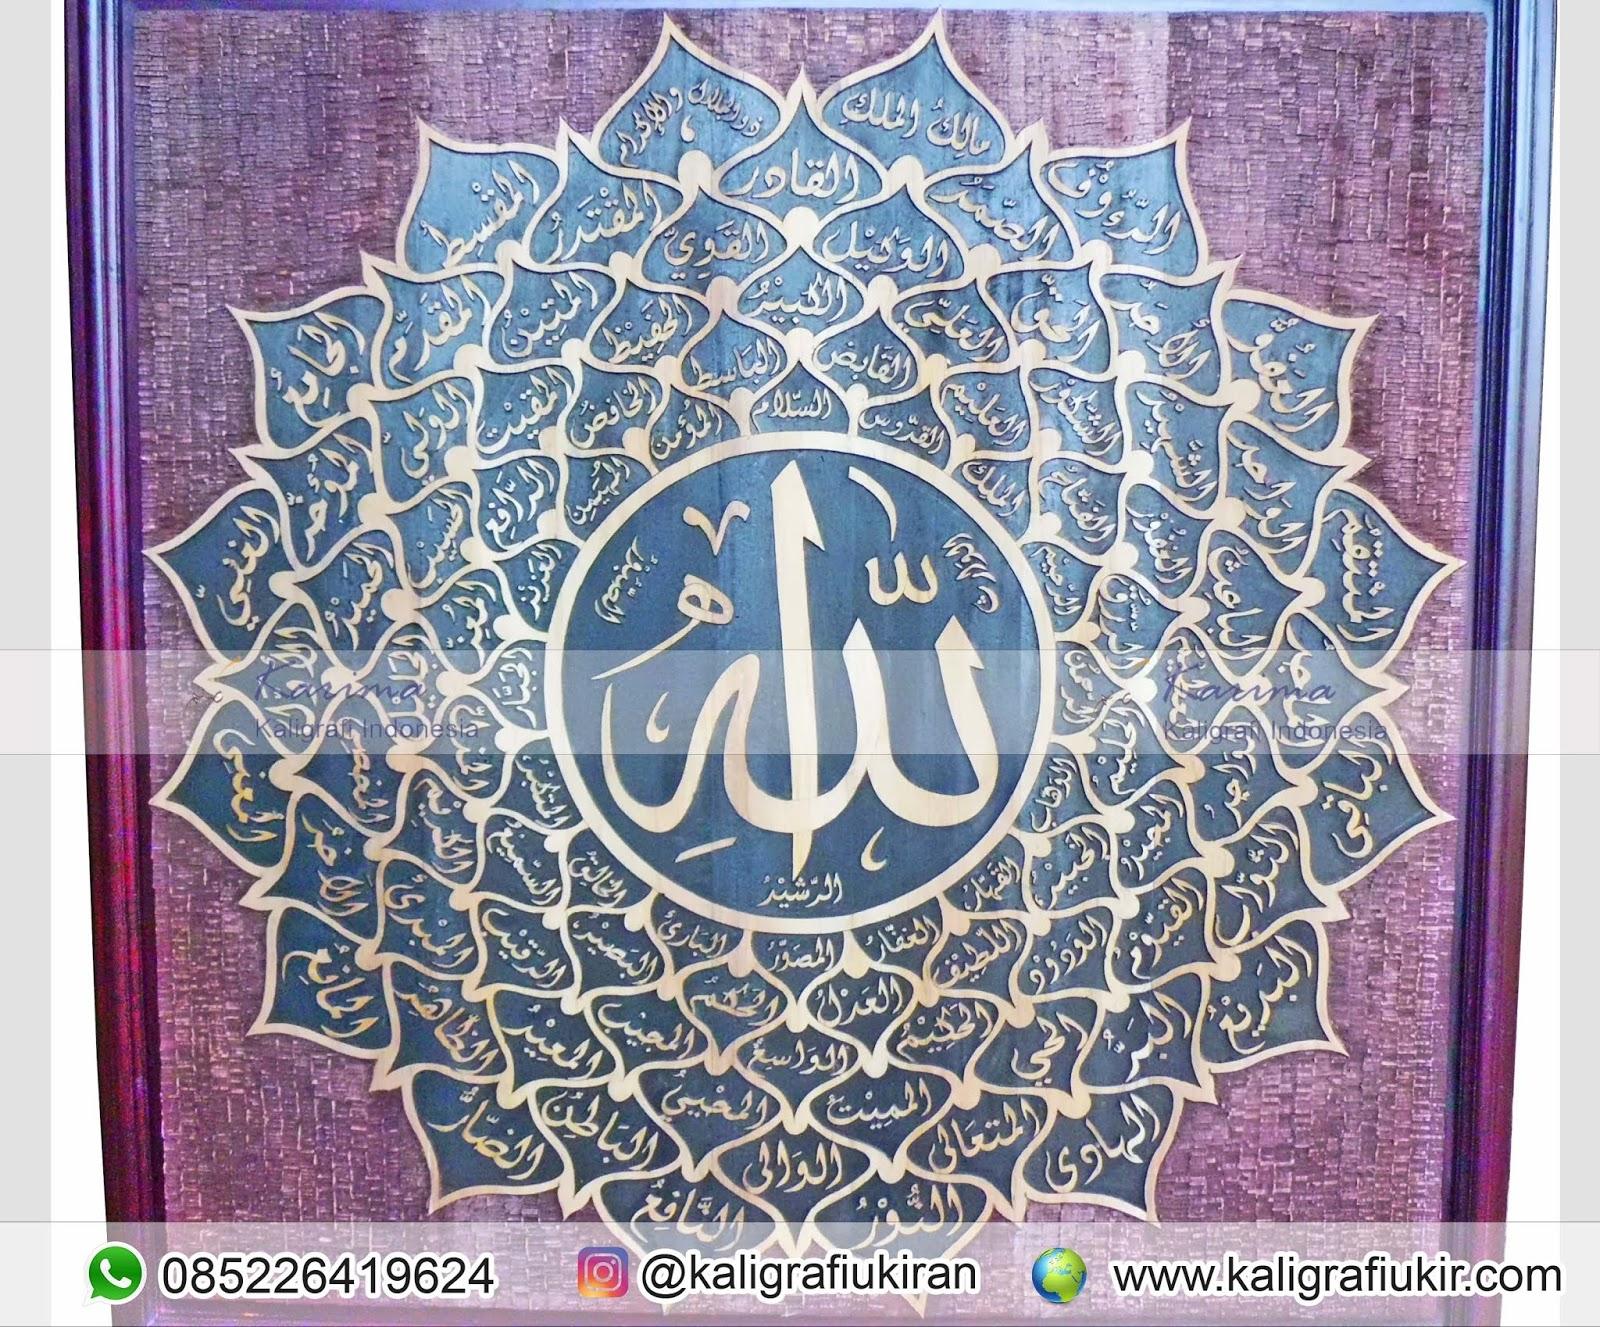 5 Model Kaligrafi Asmaul Husna Ukiran Indah Pusat